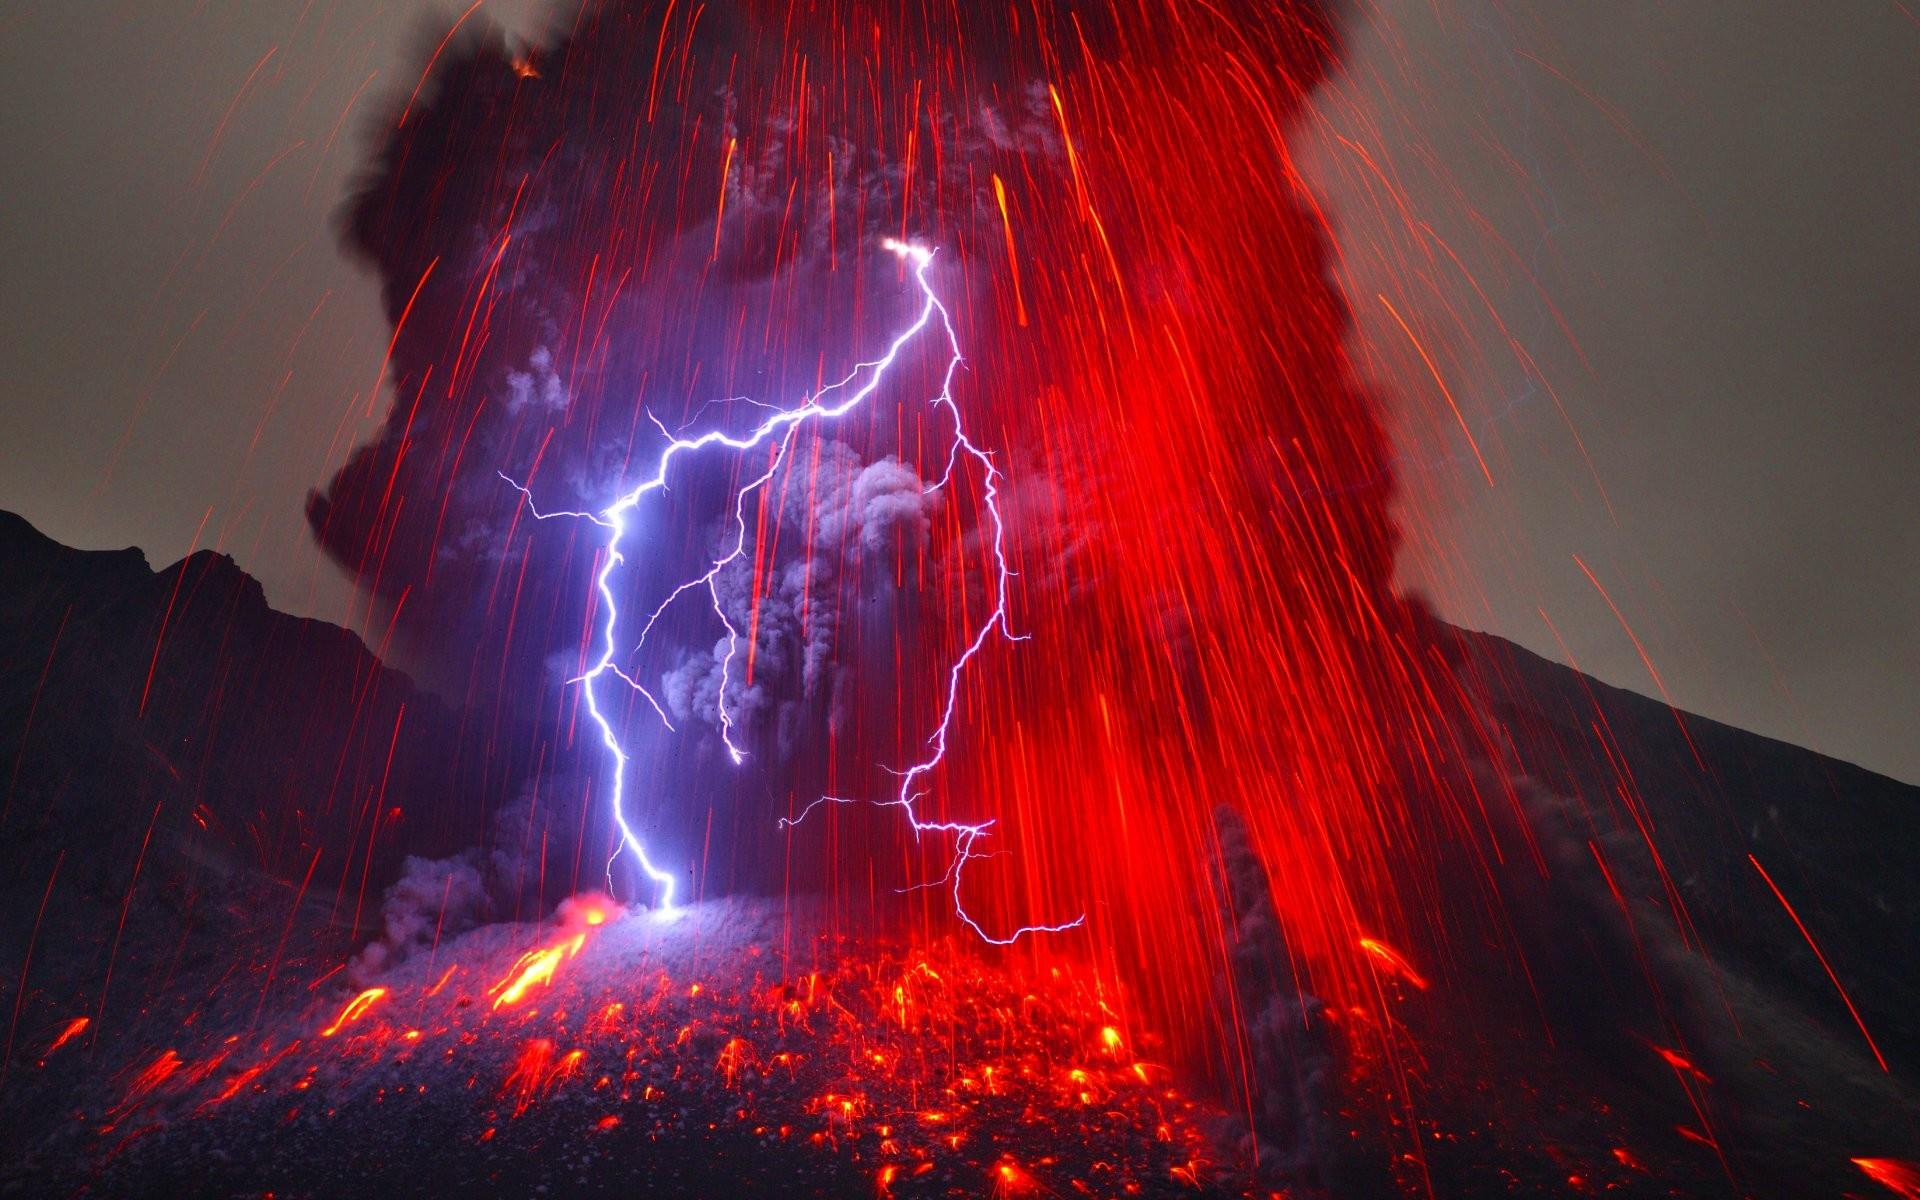 Lightning storm rain clouds sky nature thunderstorm wallpaper      953105   WallpaperUP